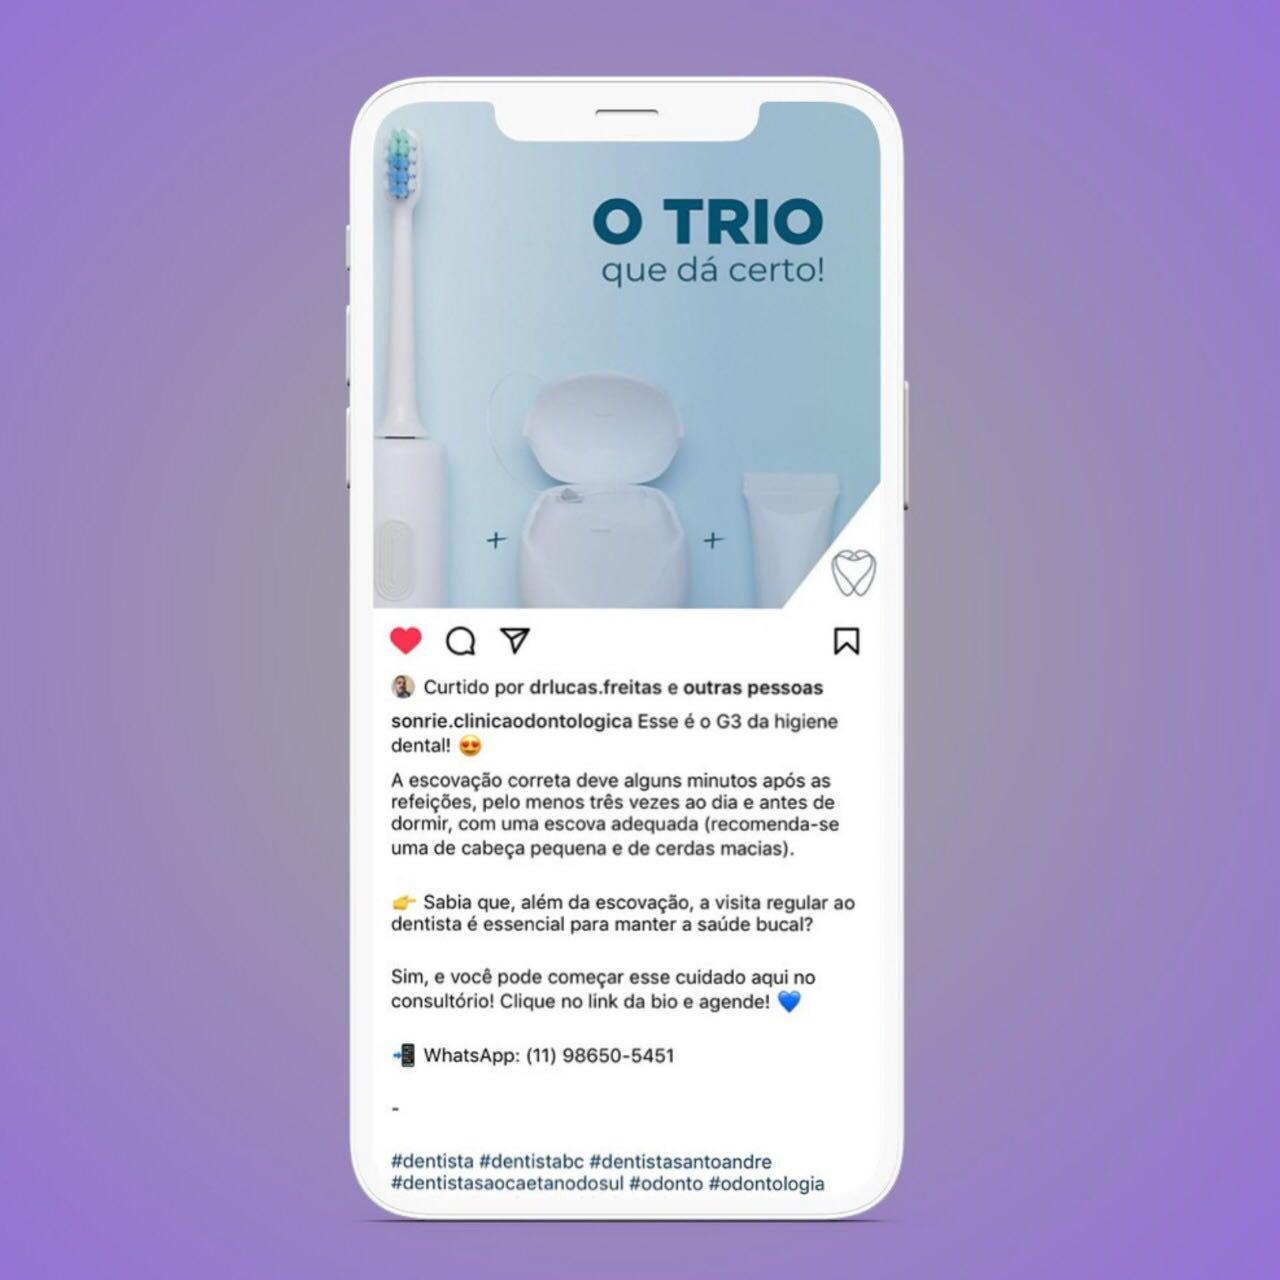 Conteúdo Redes Sociais - Instagram Dentista